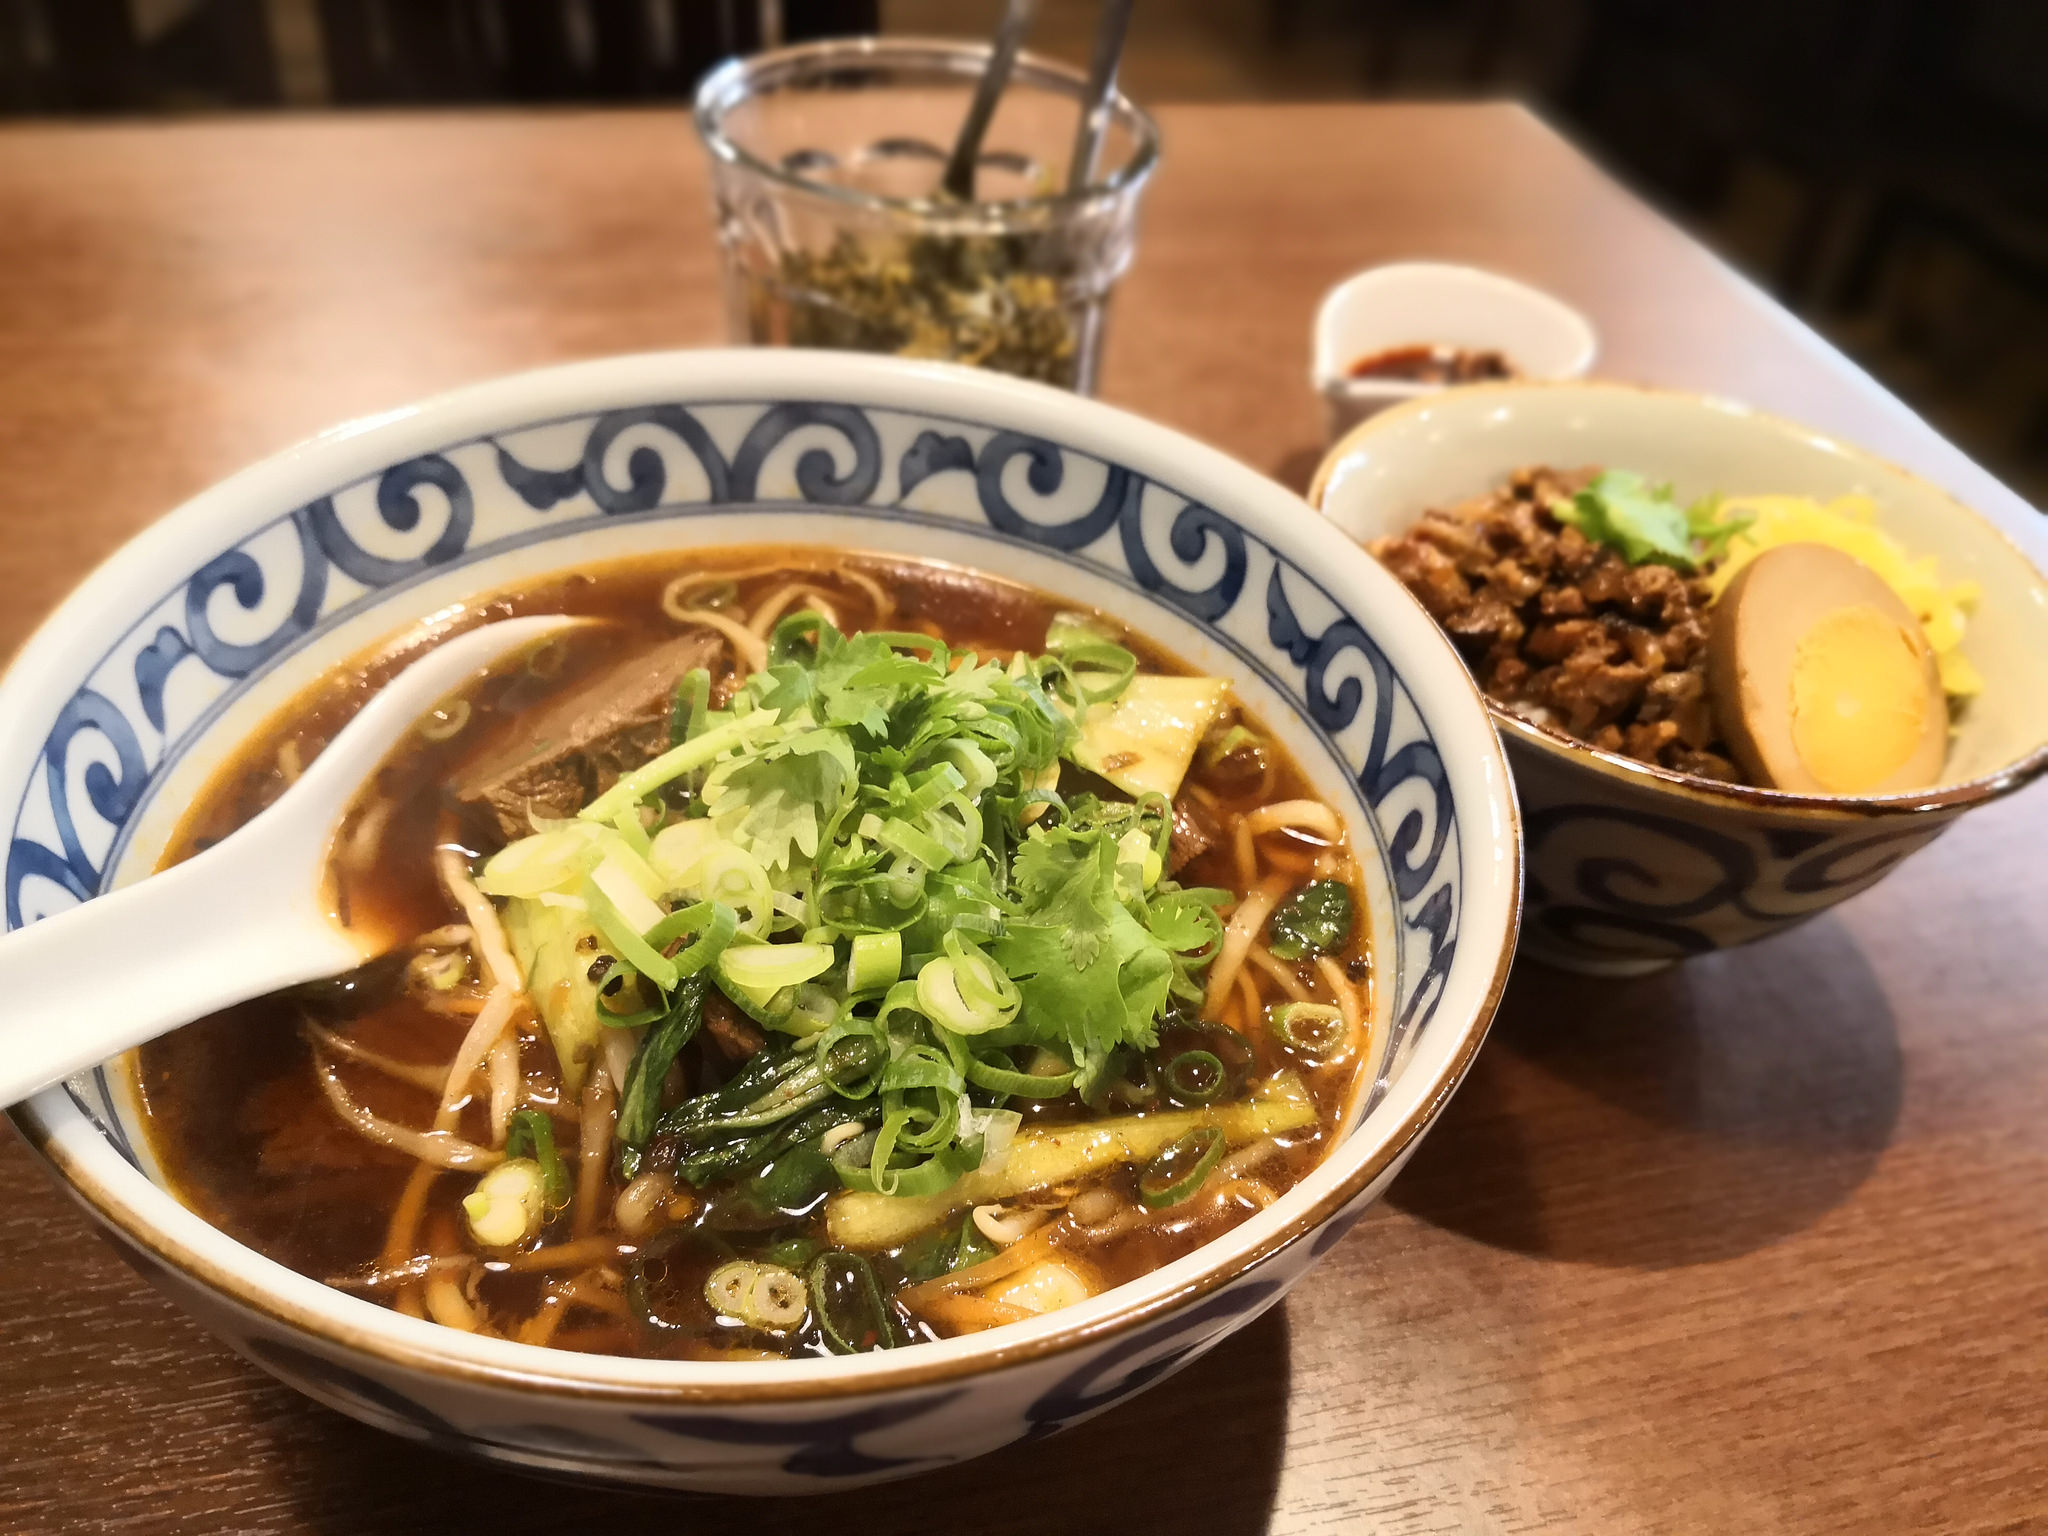 【幡ヶ谷】台湾牛肉麺店Fan@魯肉飯は意外と美味しい。麺はもう一工夫あるといいかな。